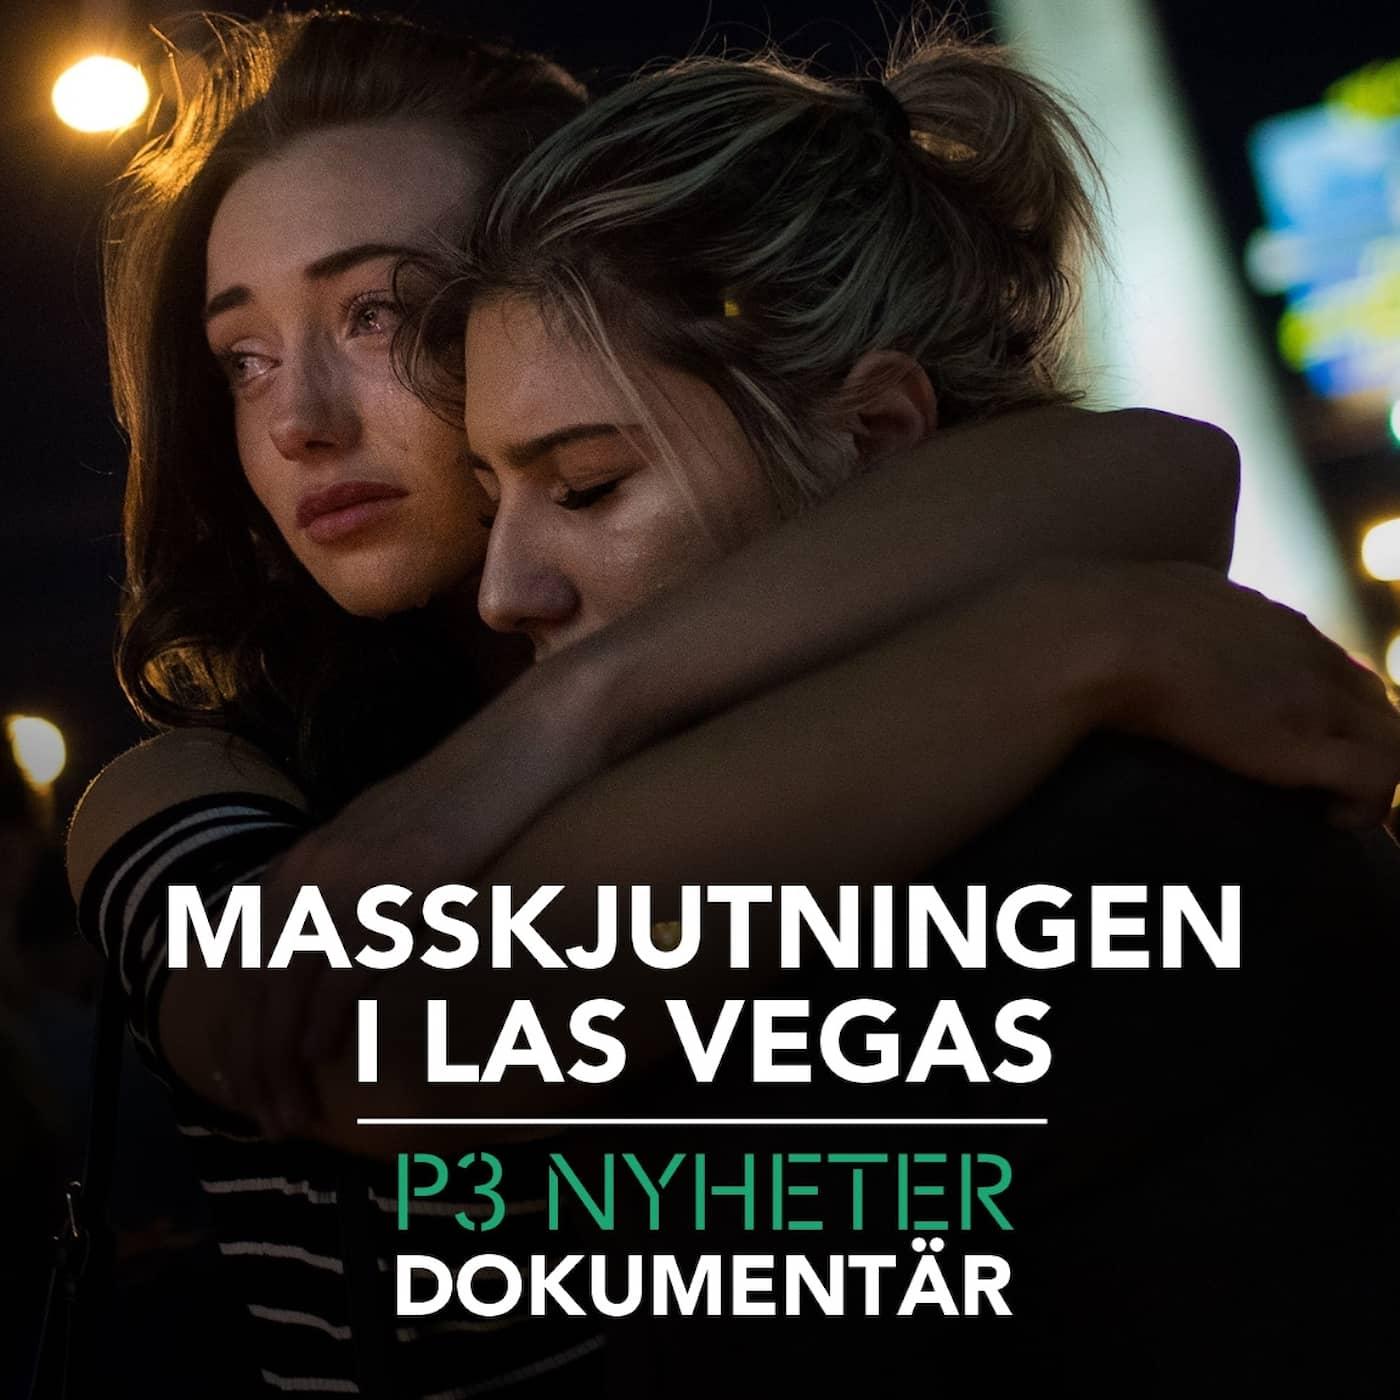 Masskjutningen i Las Vegas - P3 Nyheter Dokumentär